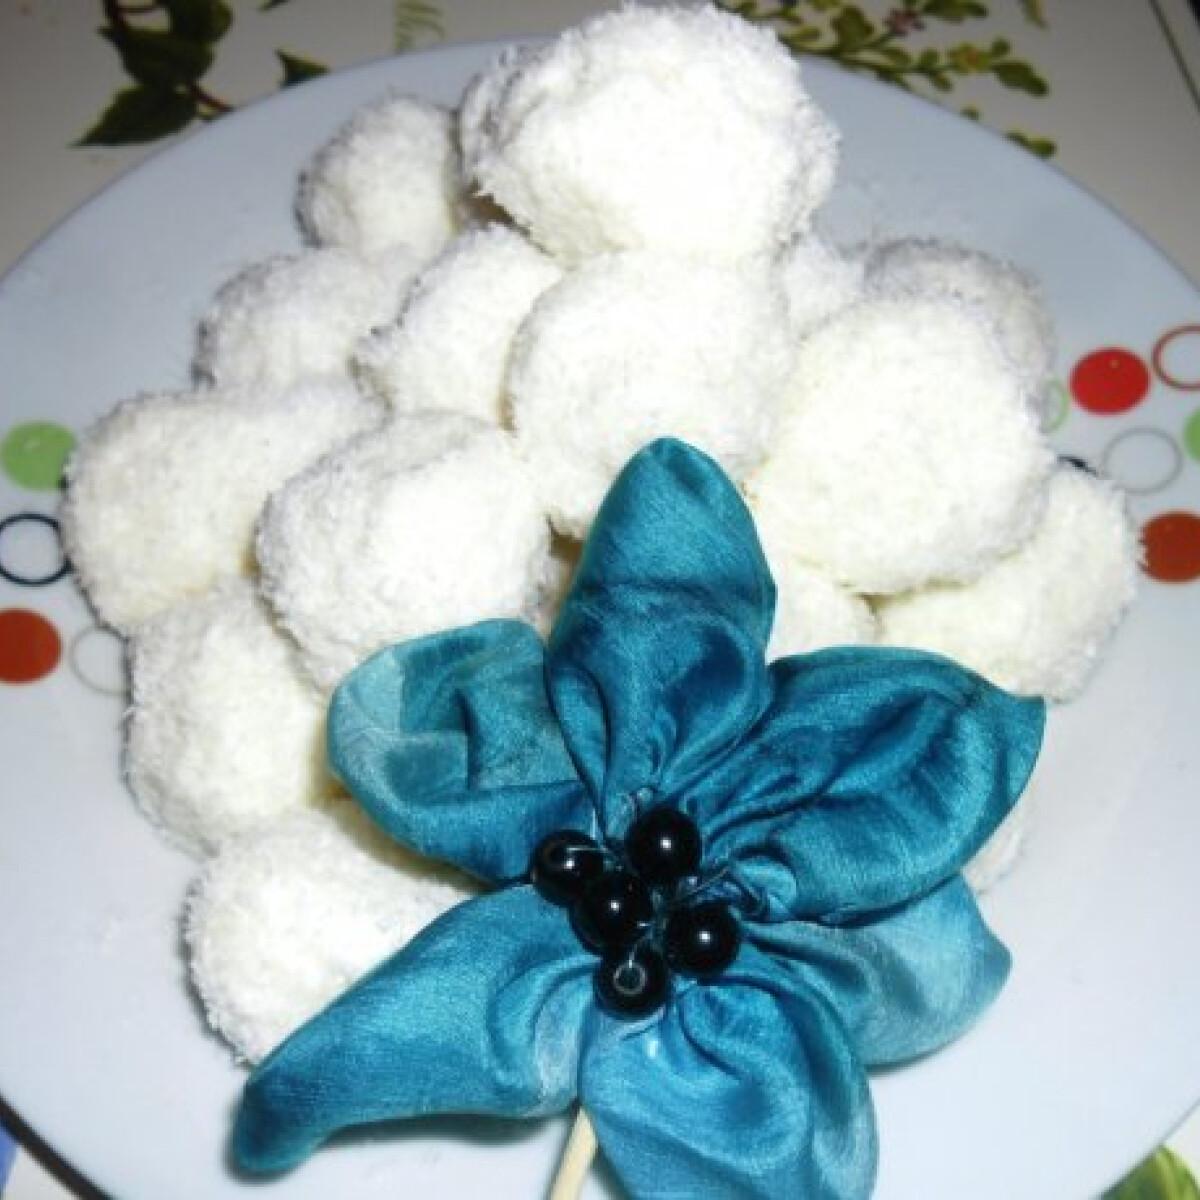 Ezen a képen: Hófehér hógolyó